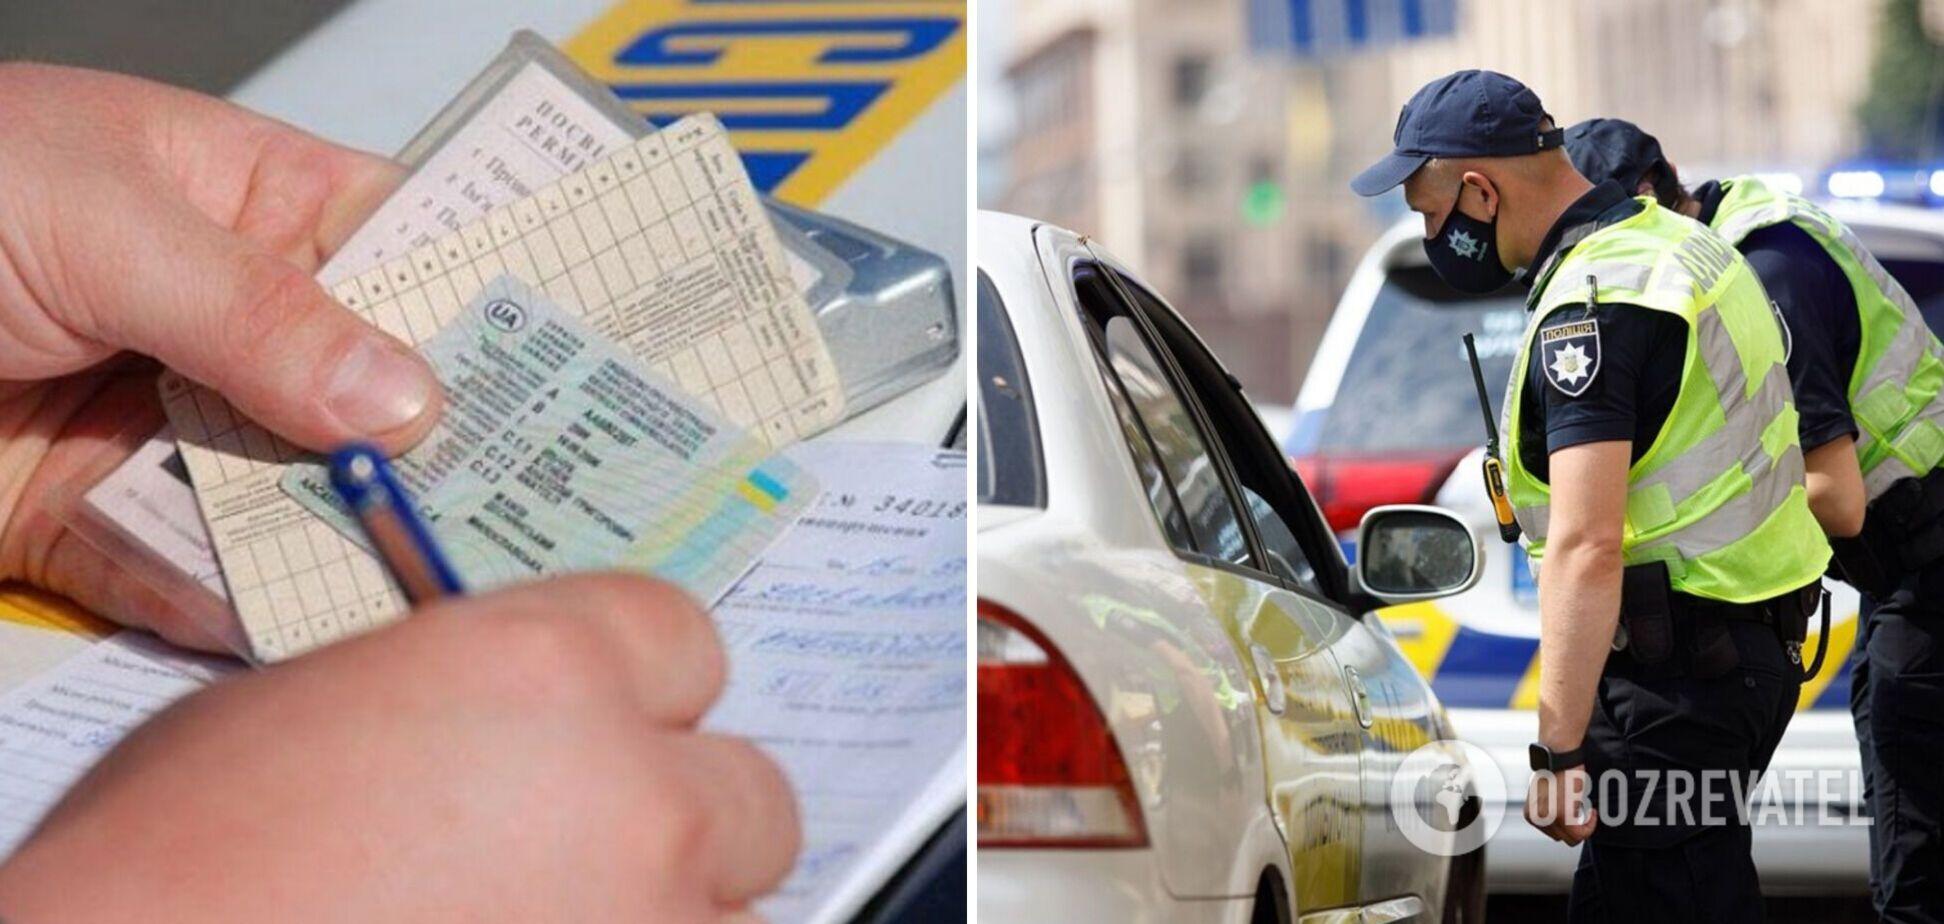 Сервісні центри МВС не видають права і документи на авто: скільки штрафу за це заплатять водії